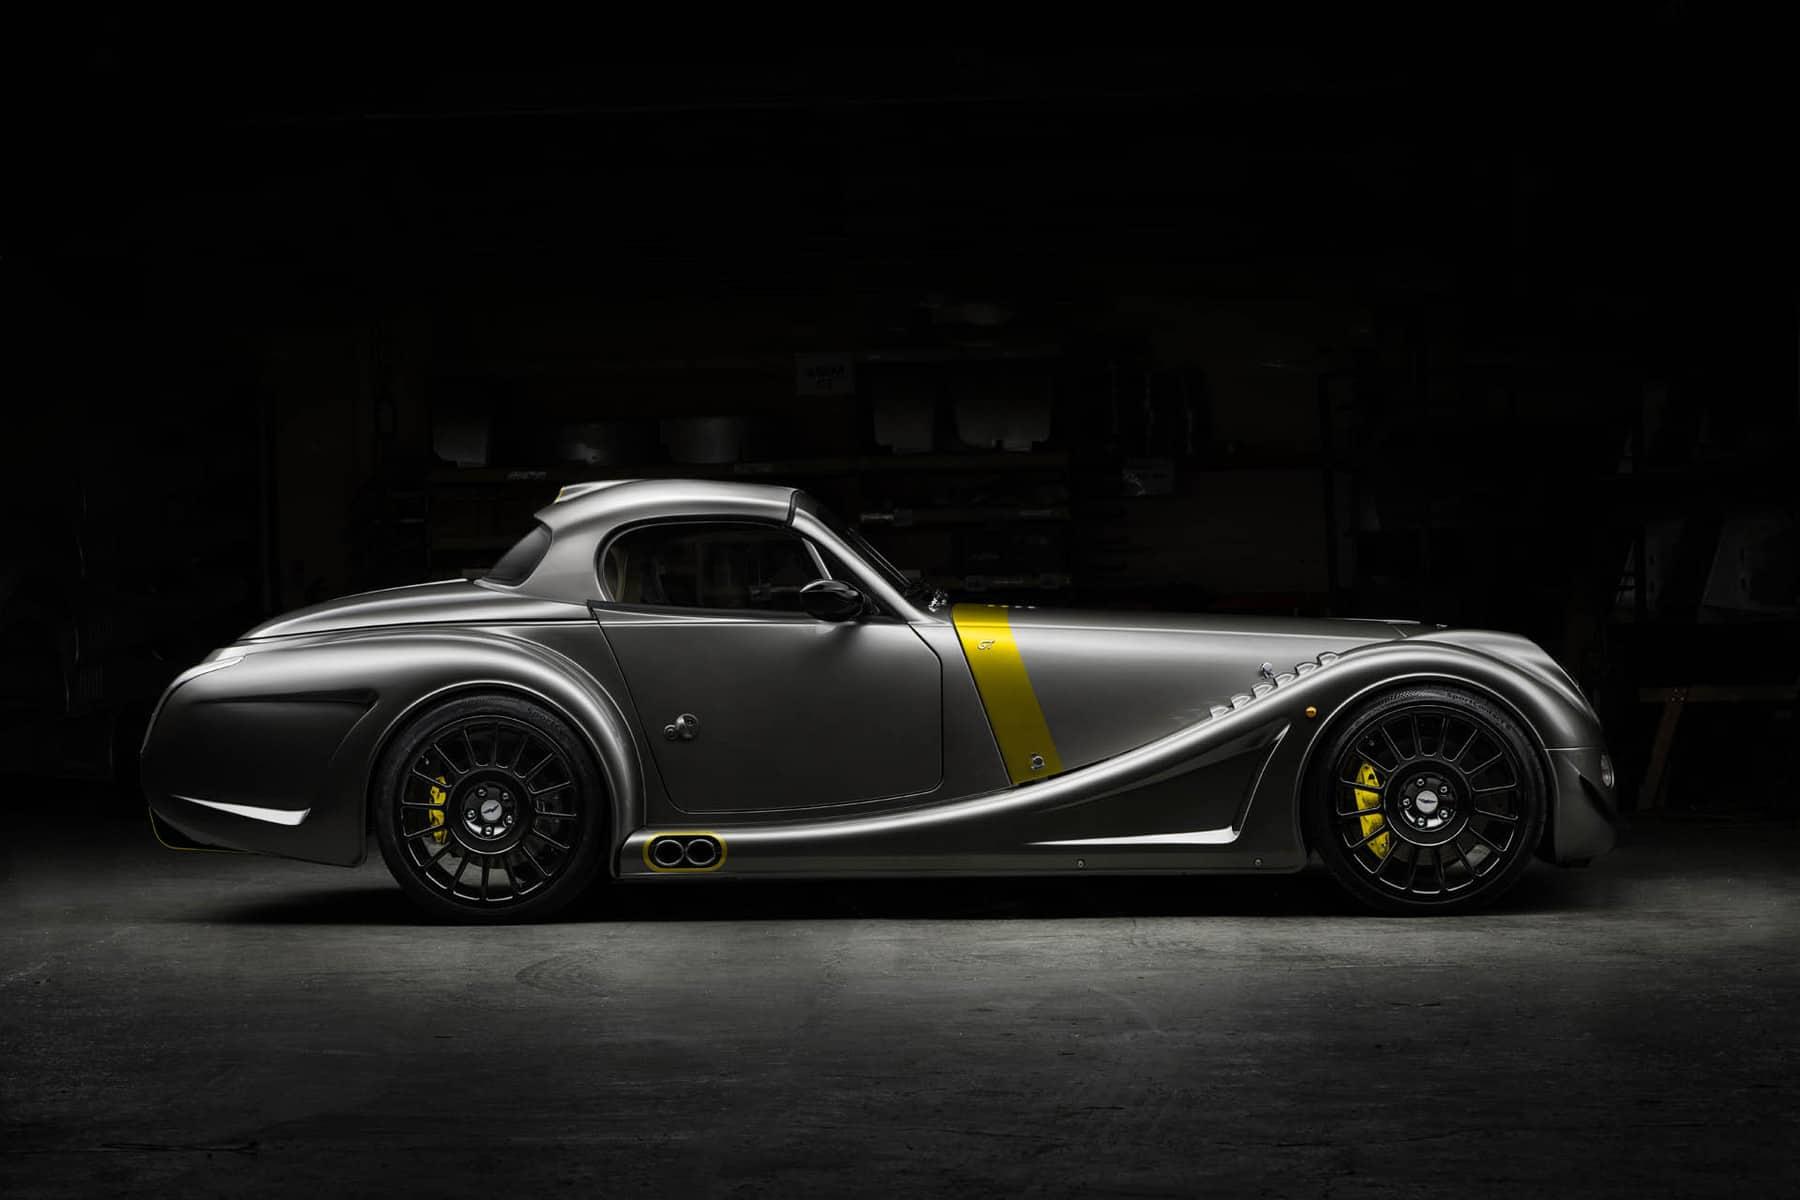 Morgan Aero 8 GT Edition